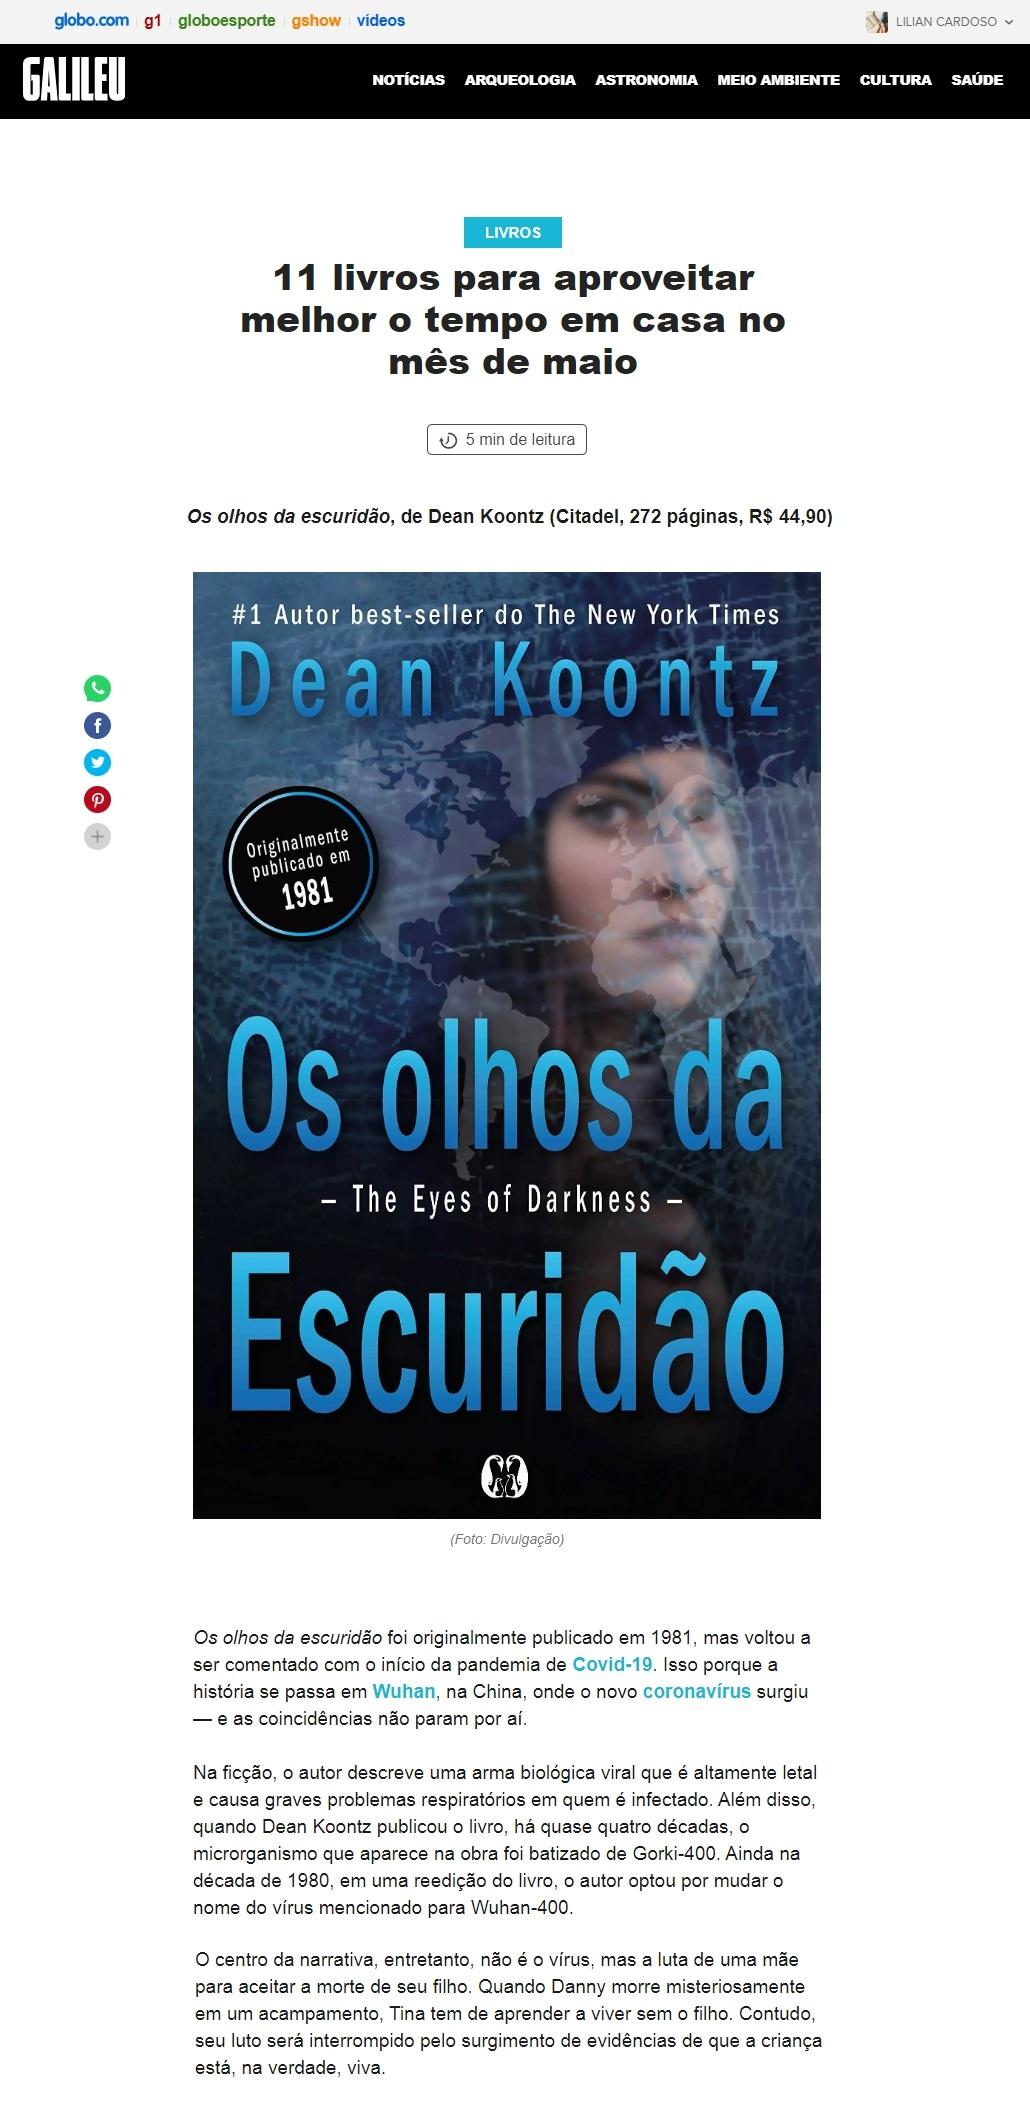 Os olhos da Escuridão - Dean Kootz